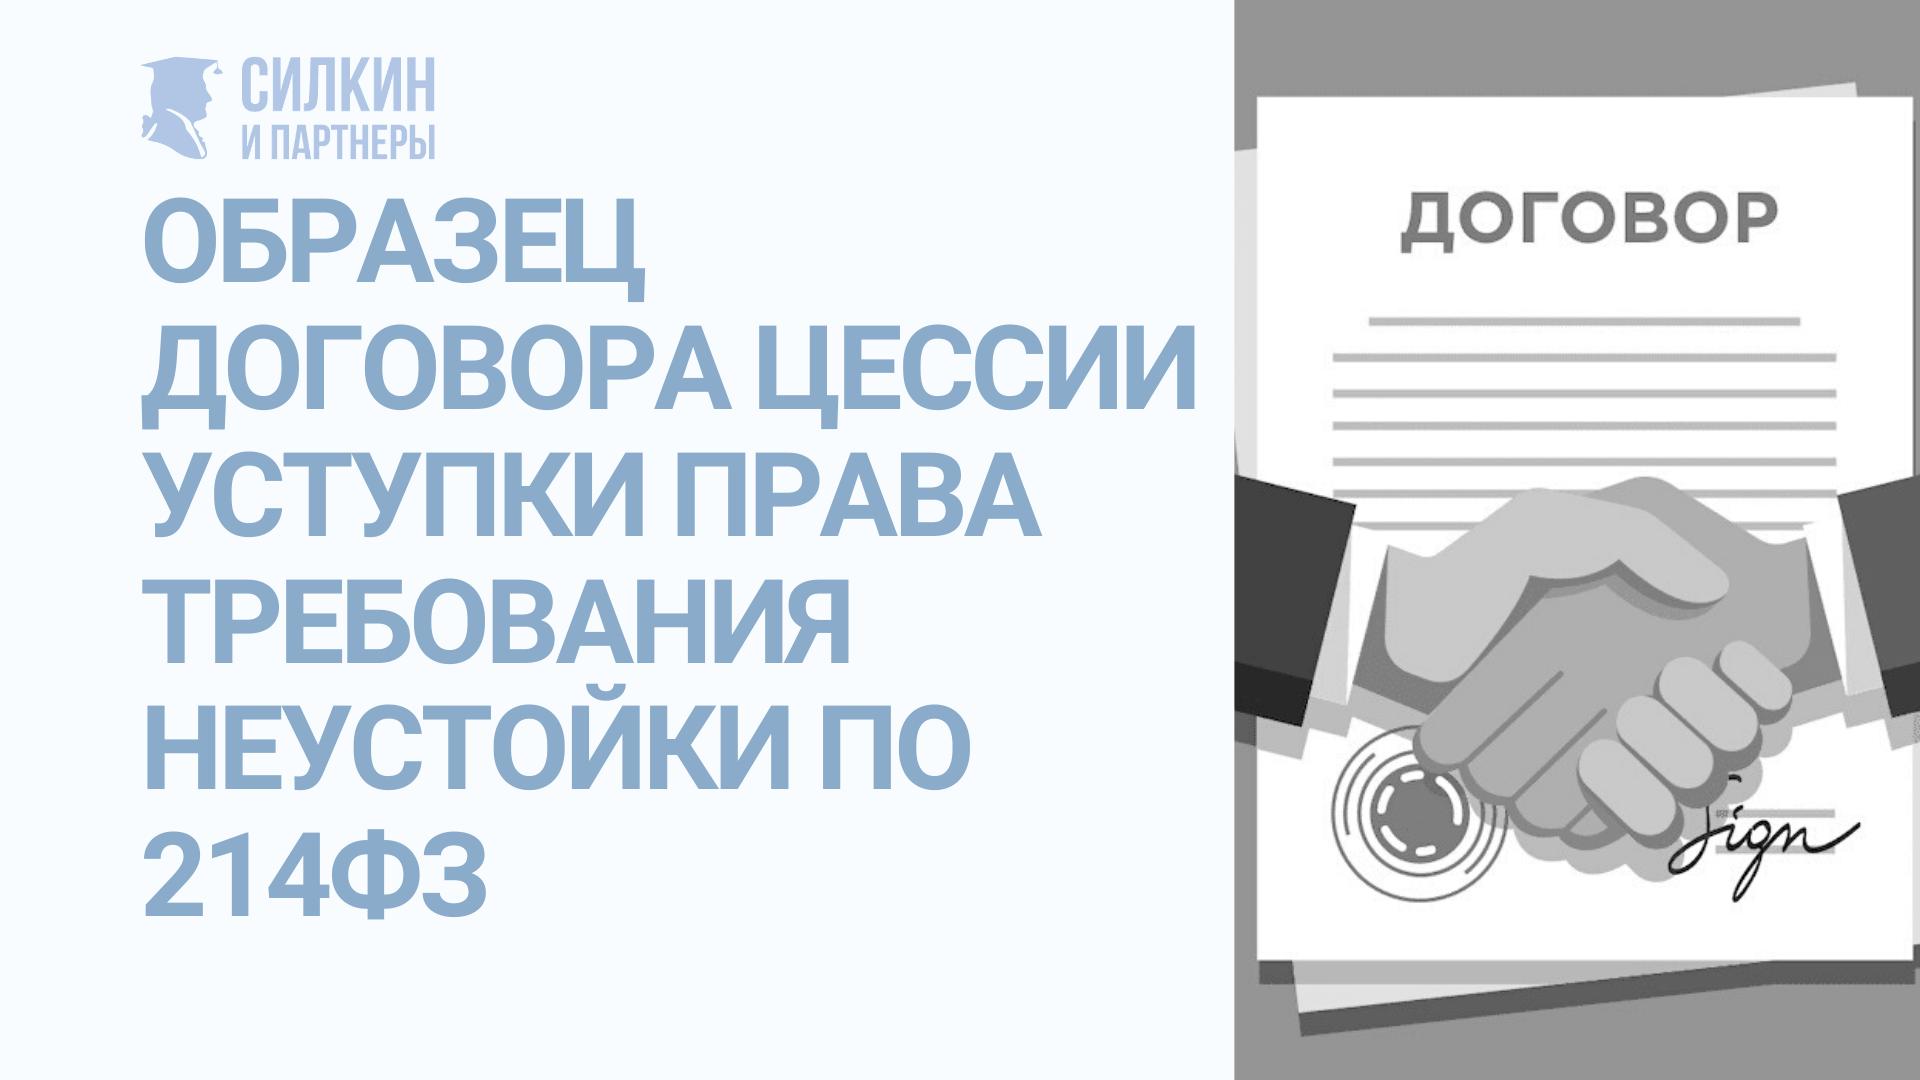 Образец договора цессии уступки права требования неустойки по 214 ФЗ ДДУ